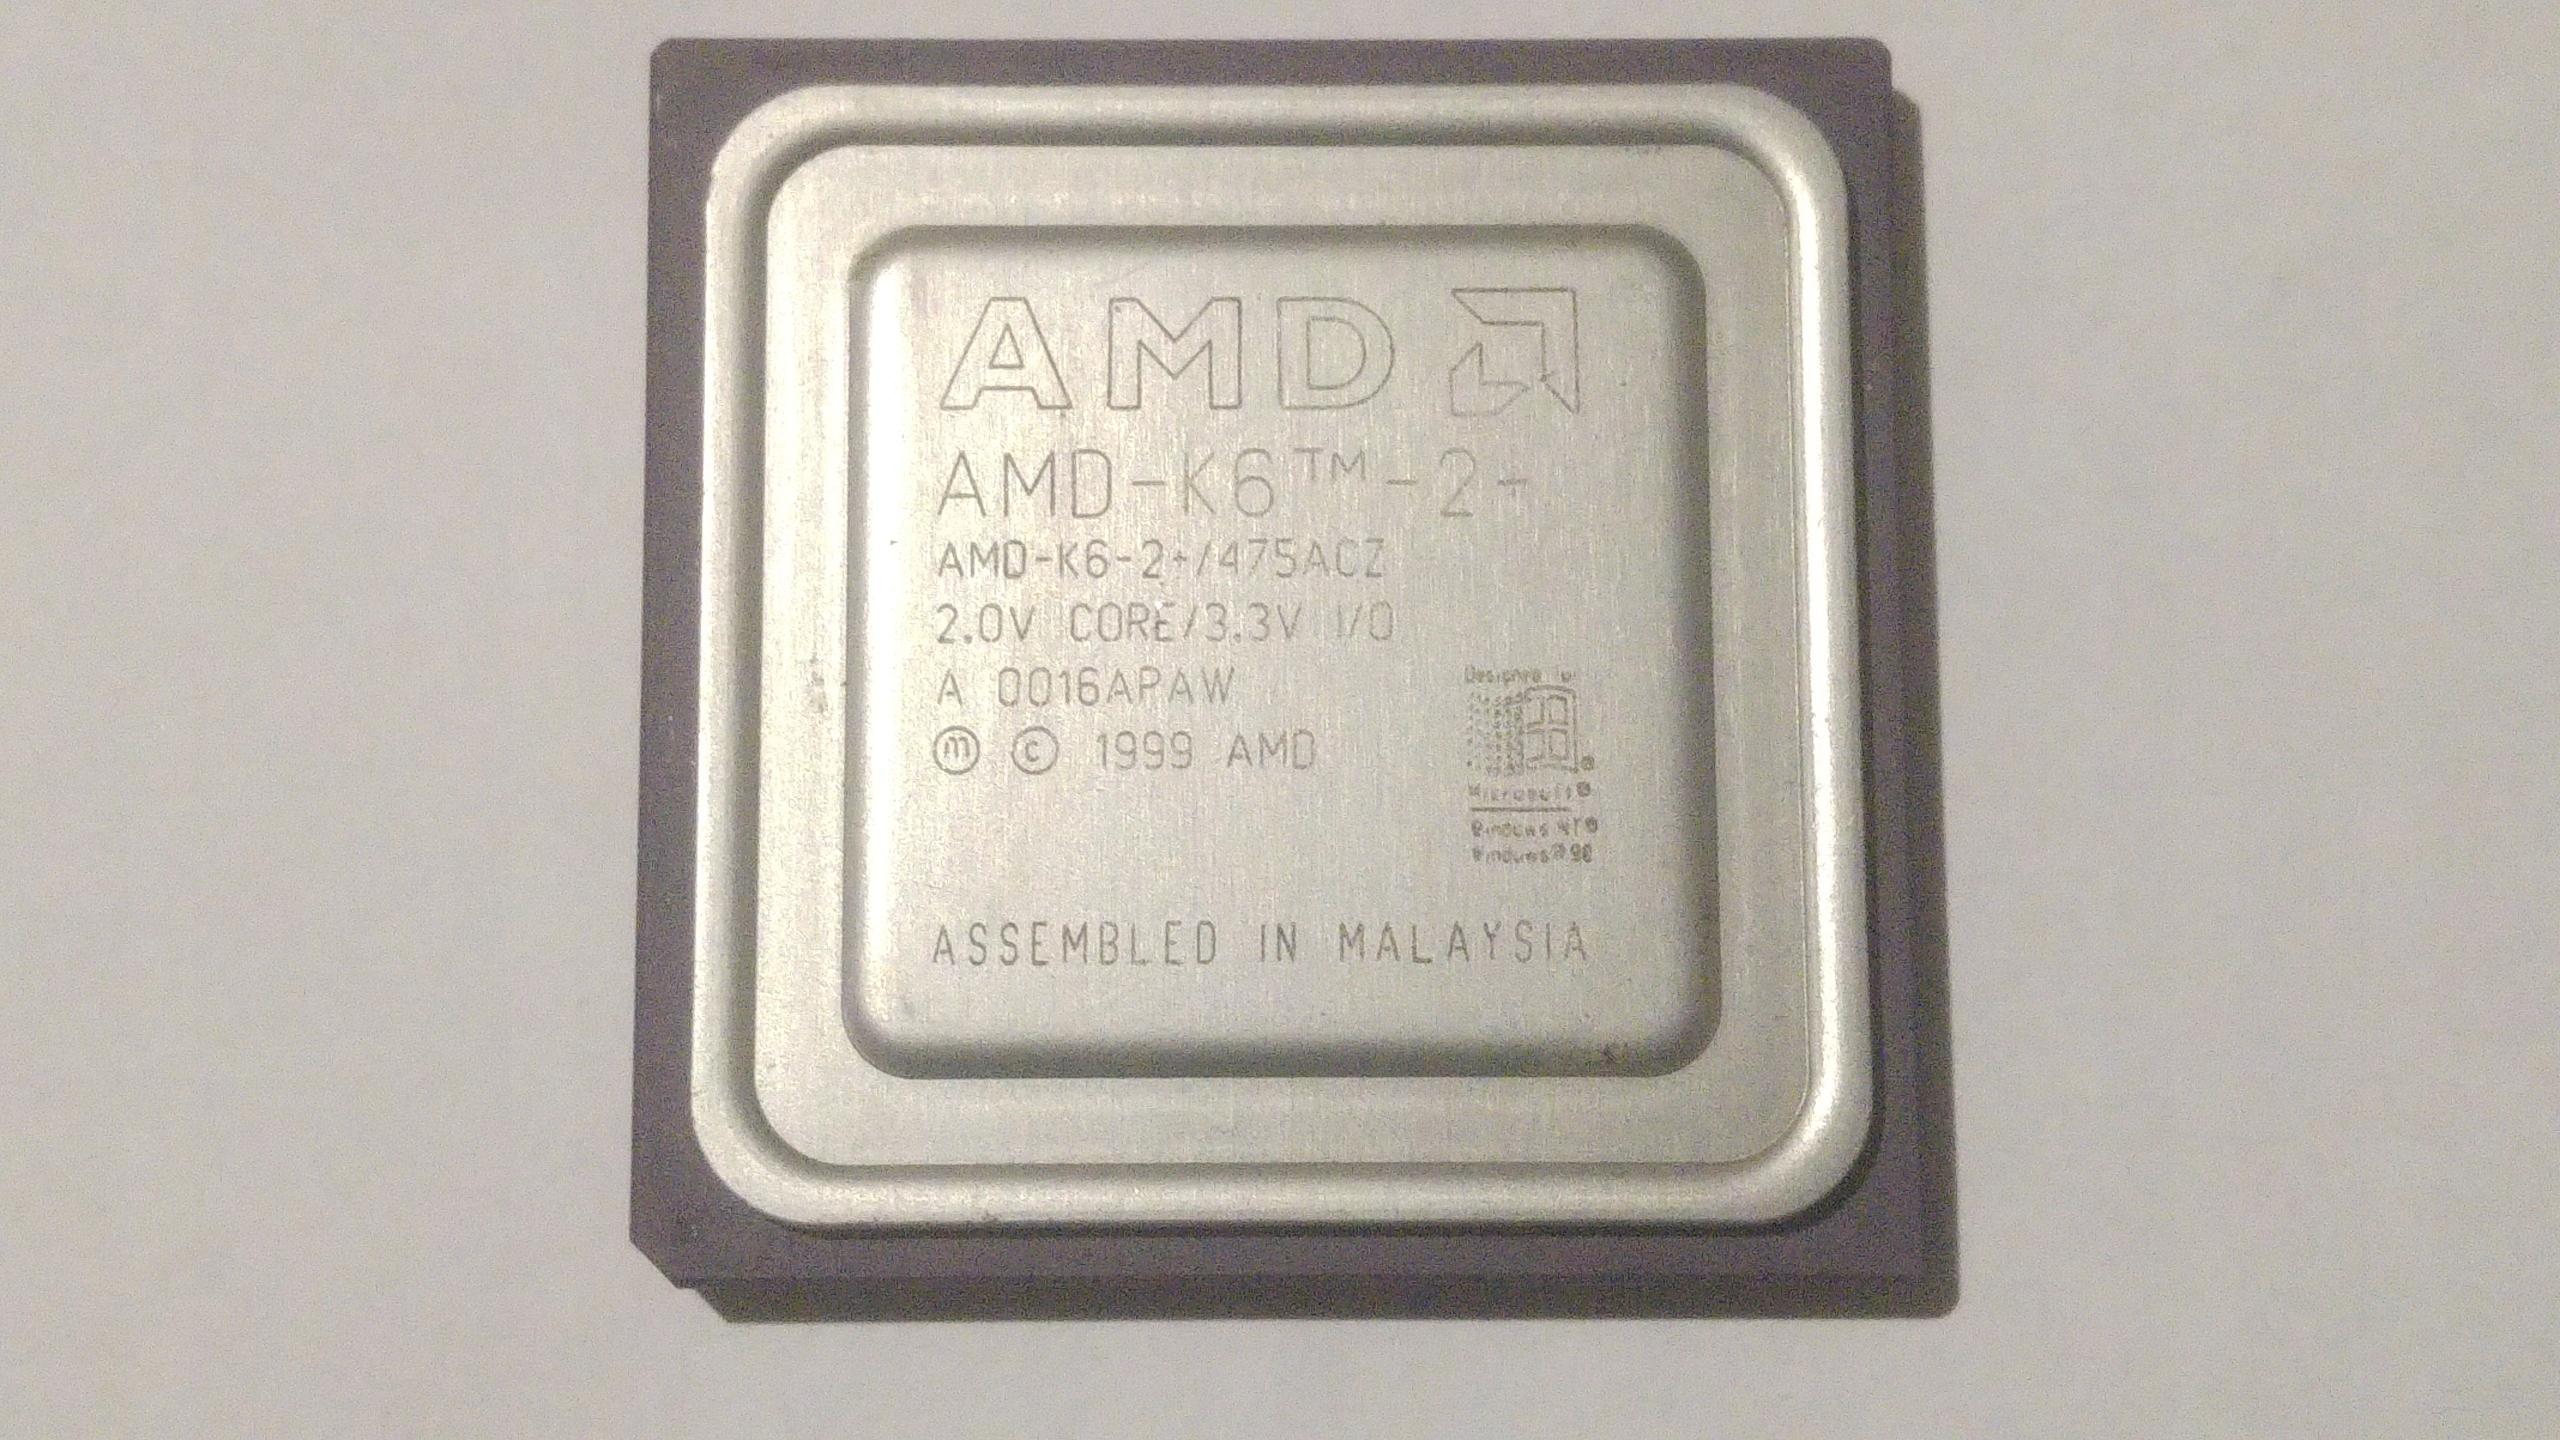 AMD K6-2 475ACZ Socket 7 100% OK retro